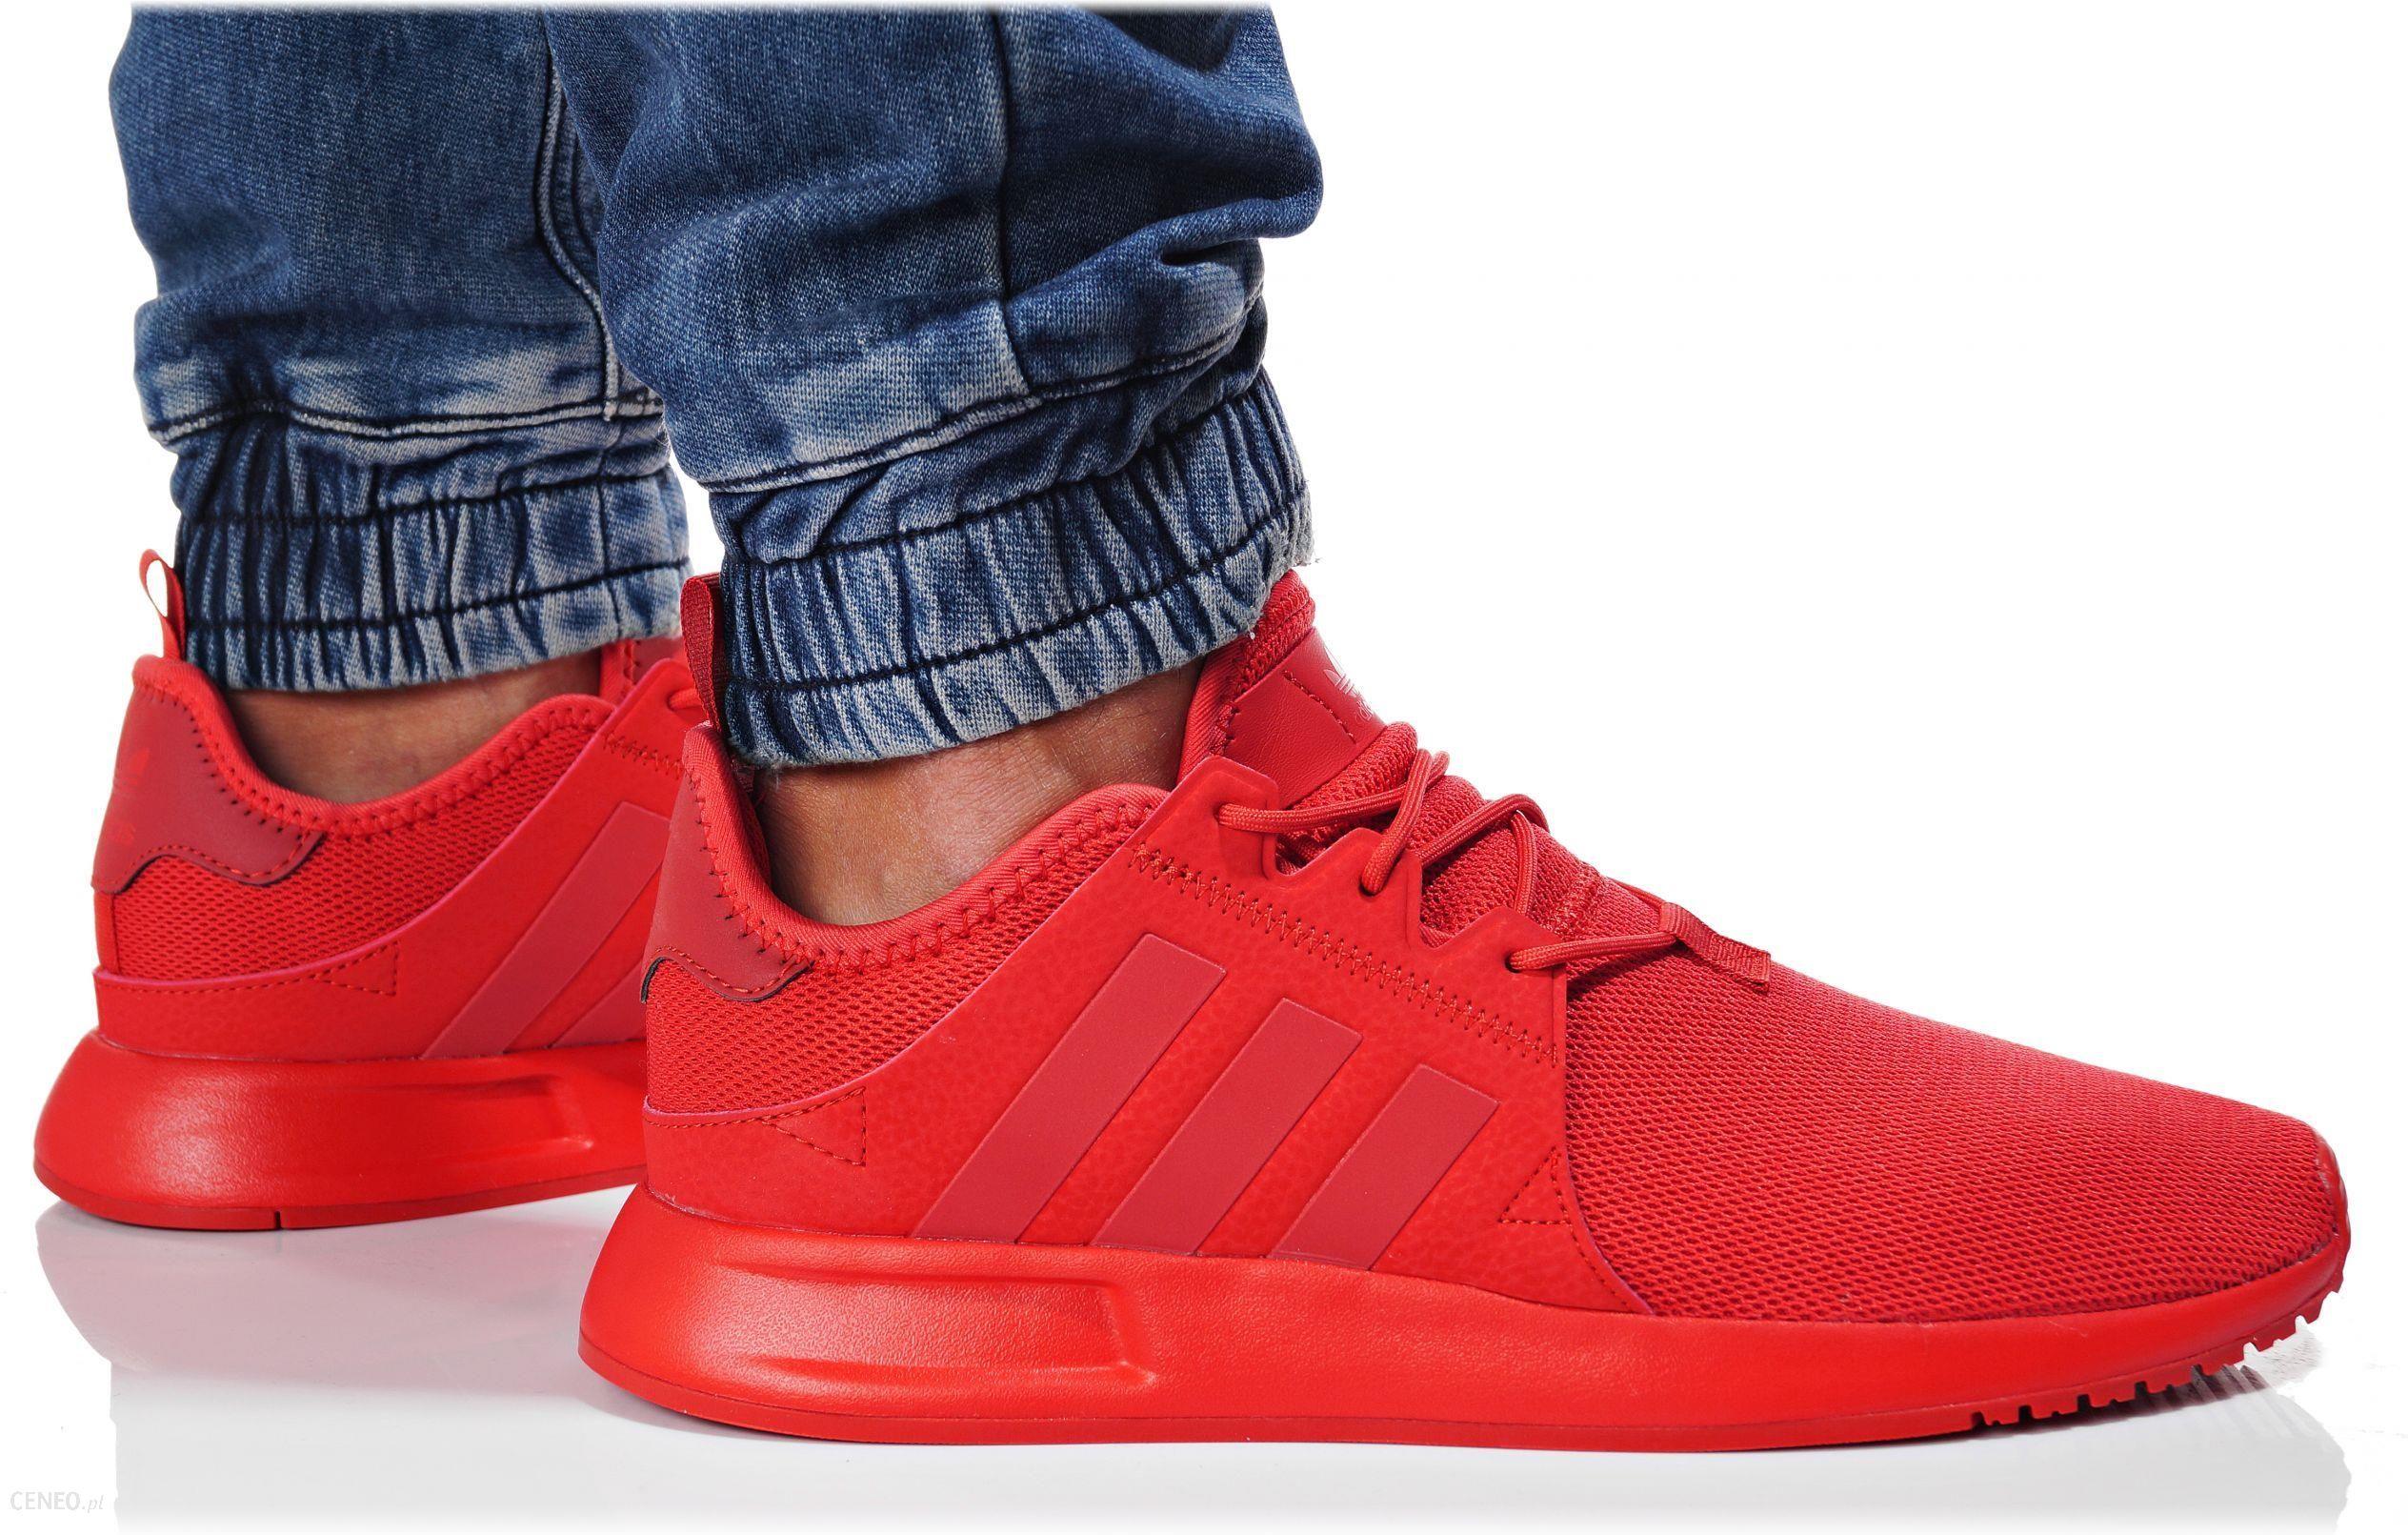 buty adidas x_plr czerwone